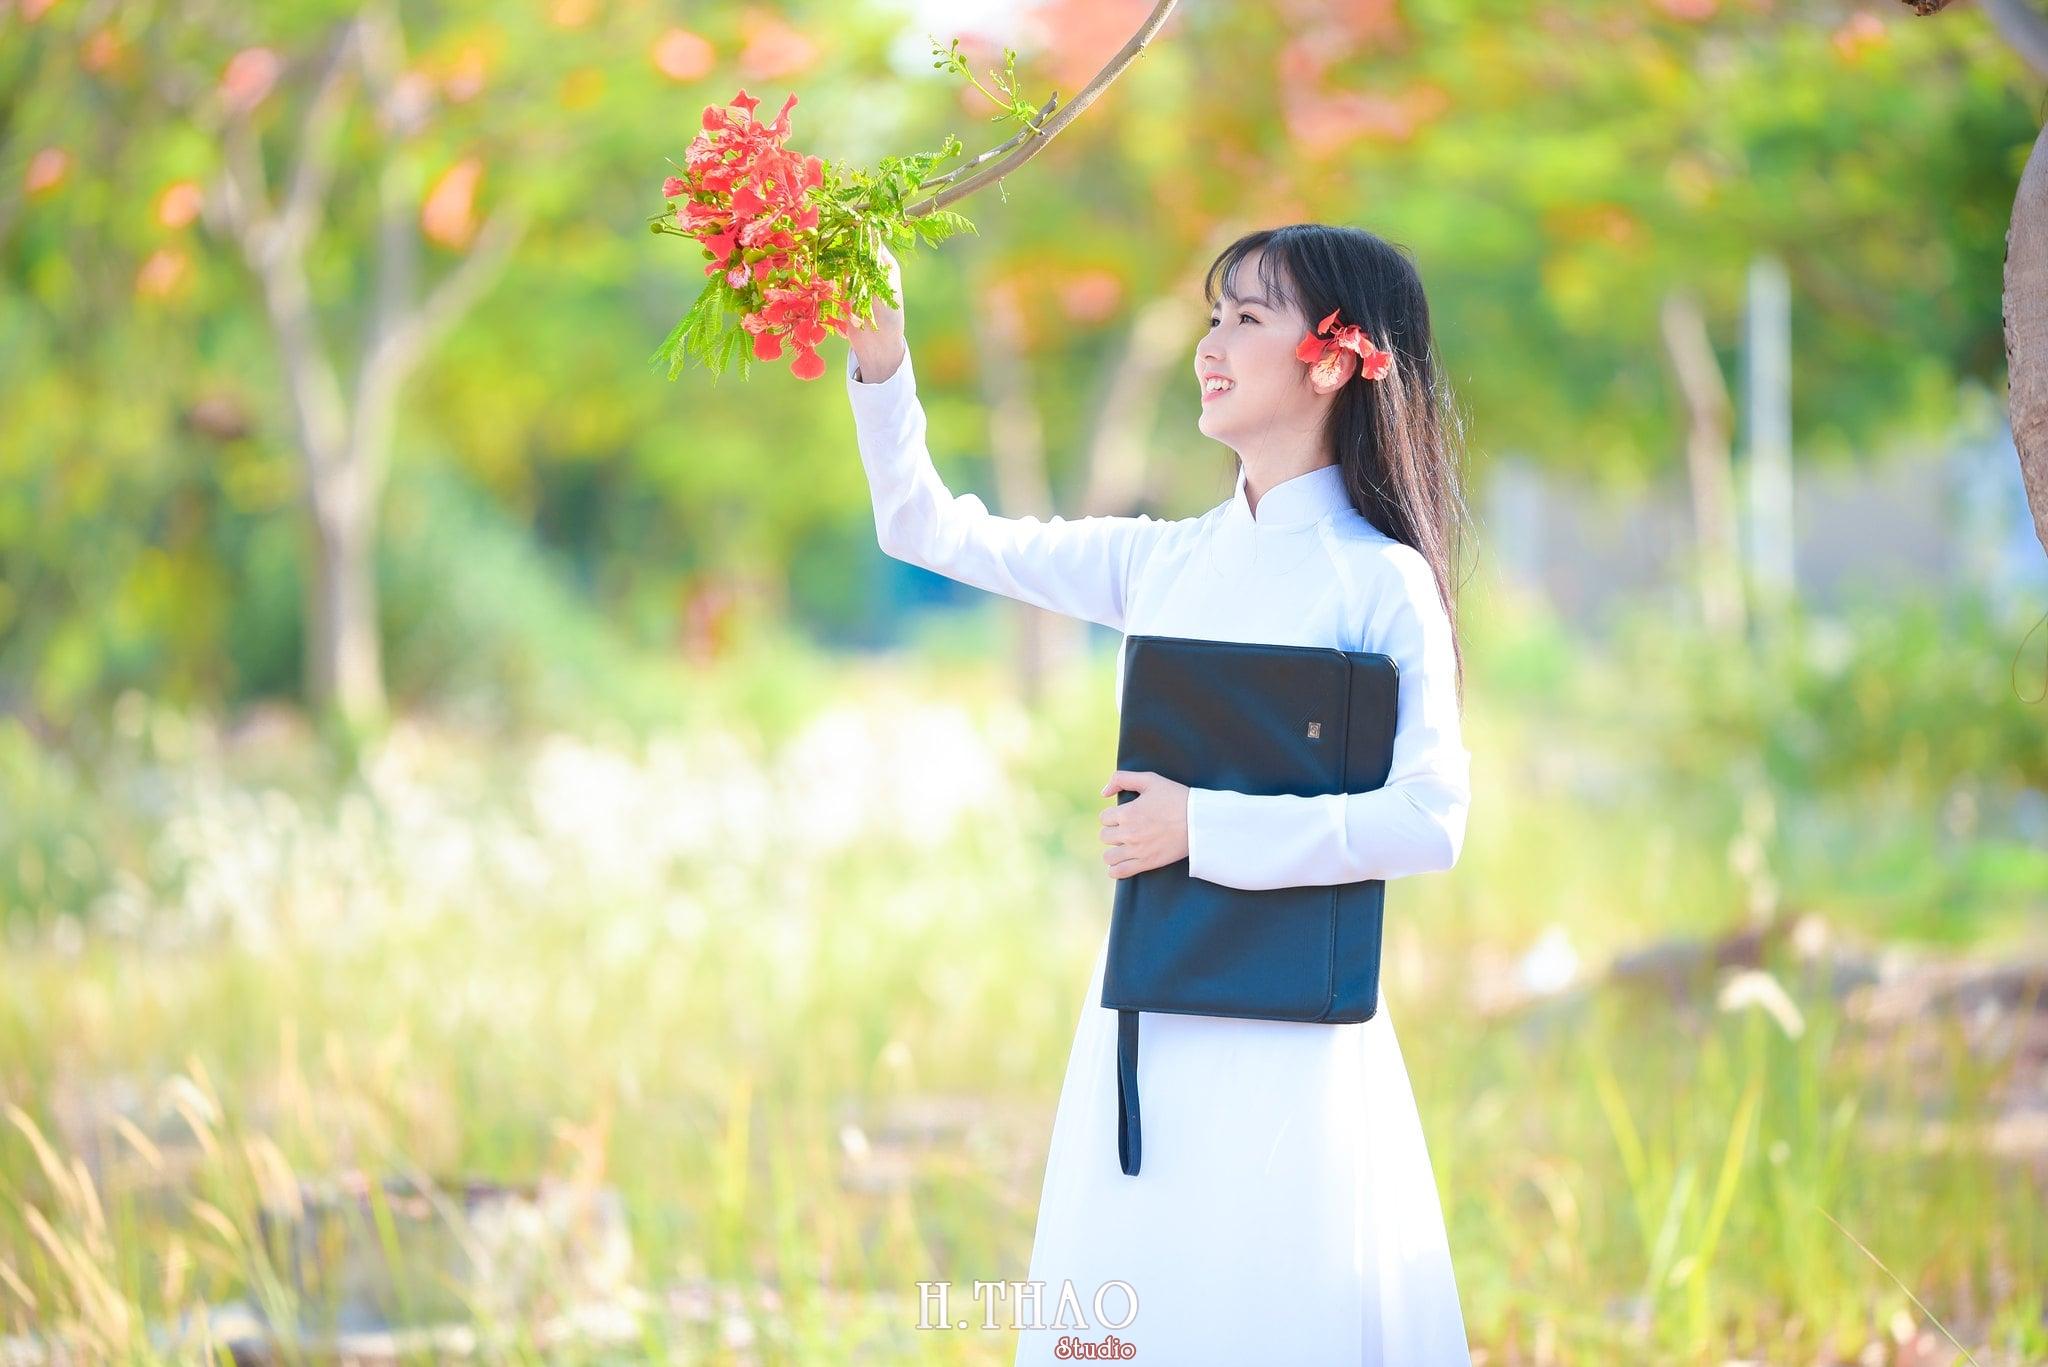 ao dai quan 2 13 - 49 cách tạo dáng chụp ảnh với áo dài tuyệt đẹp - HThao Studio